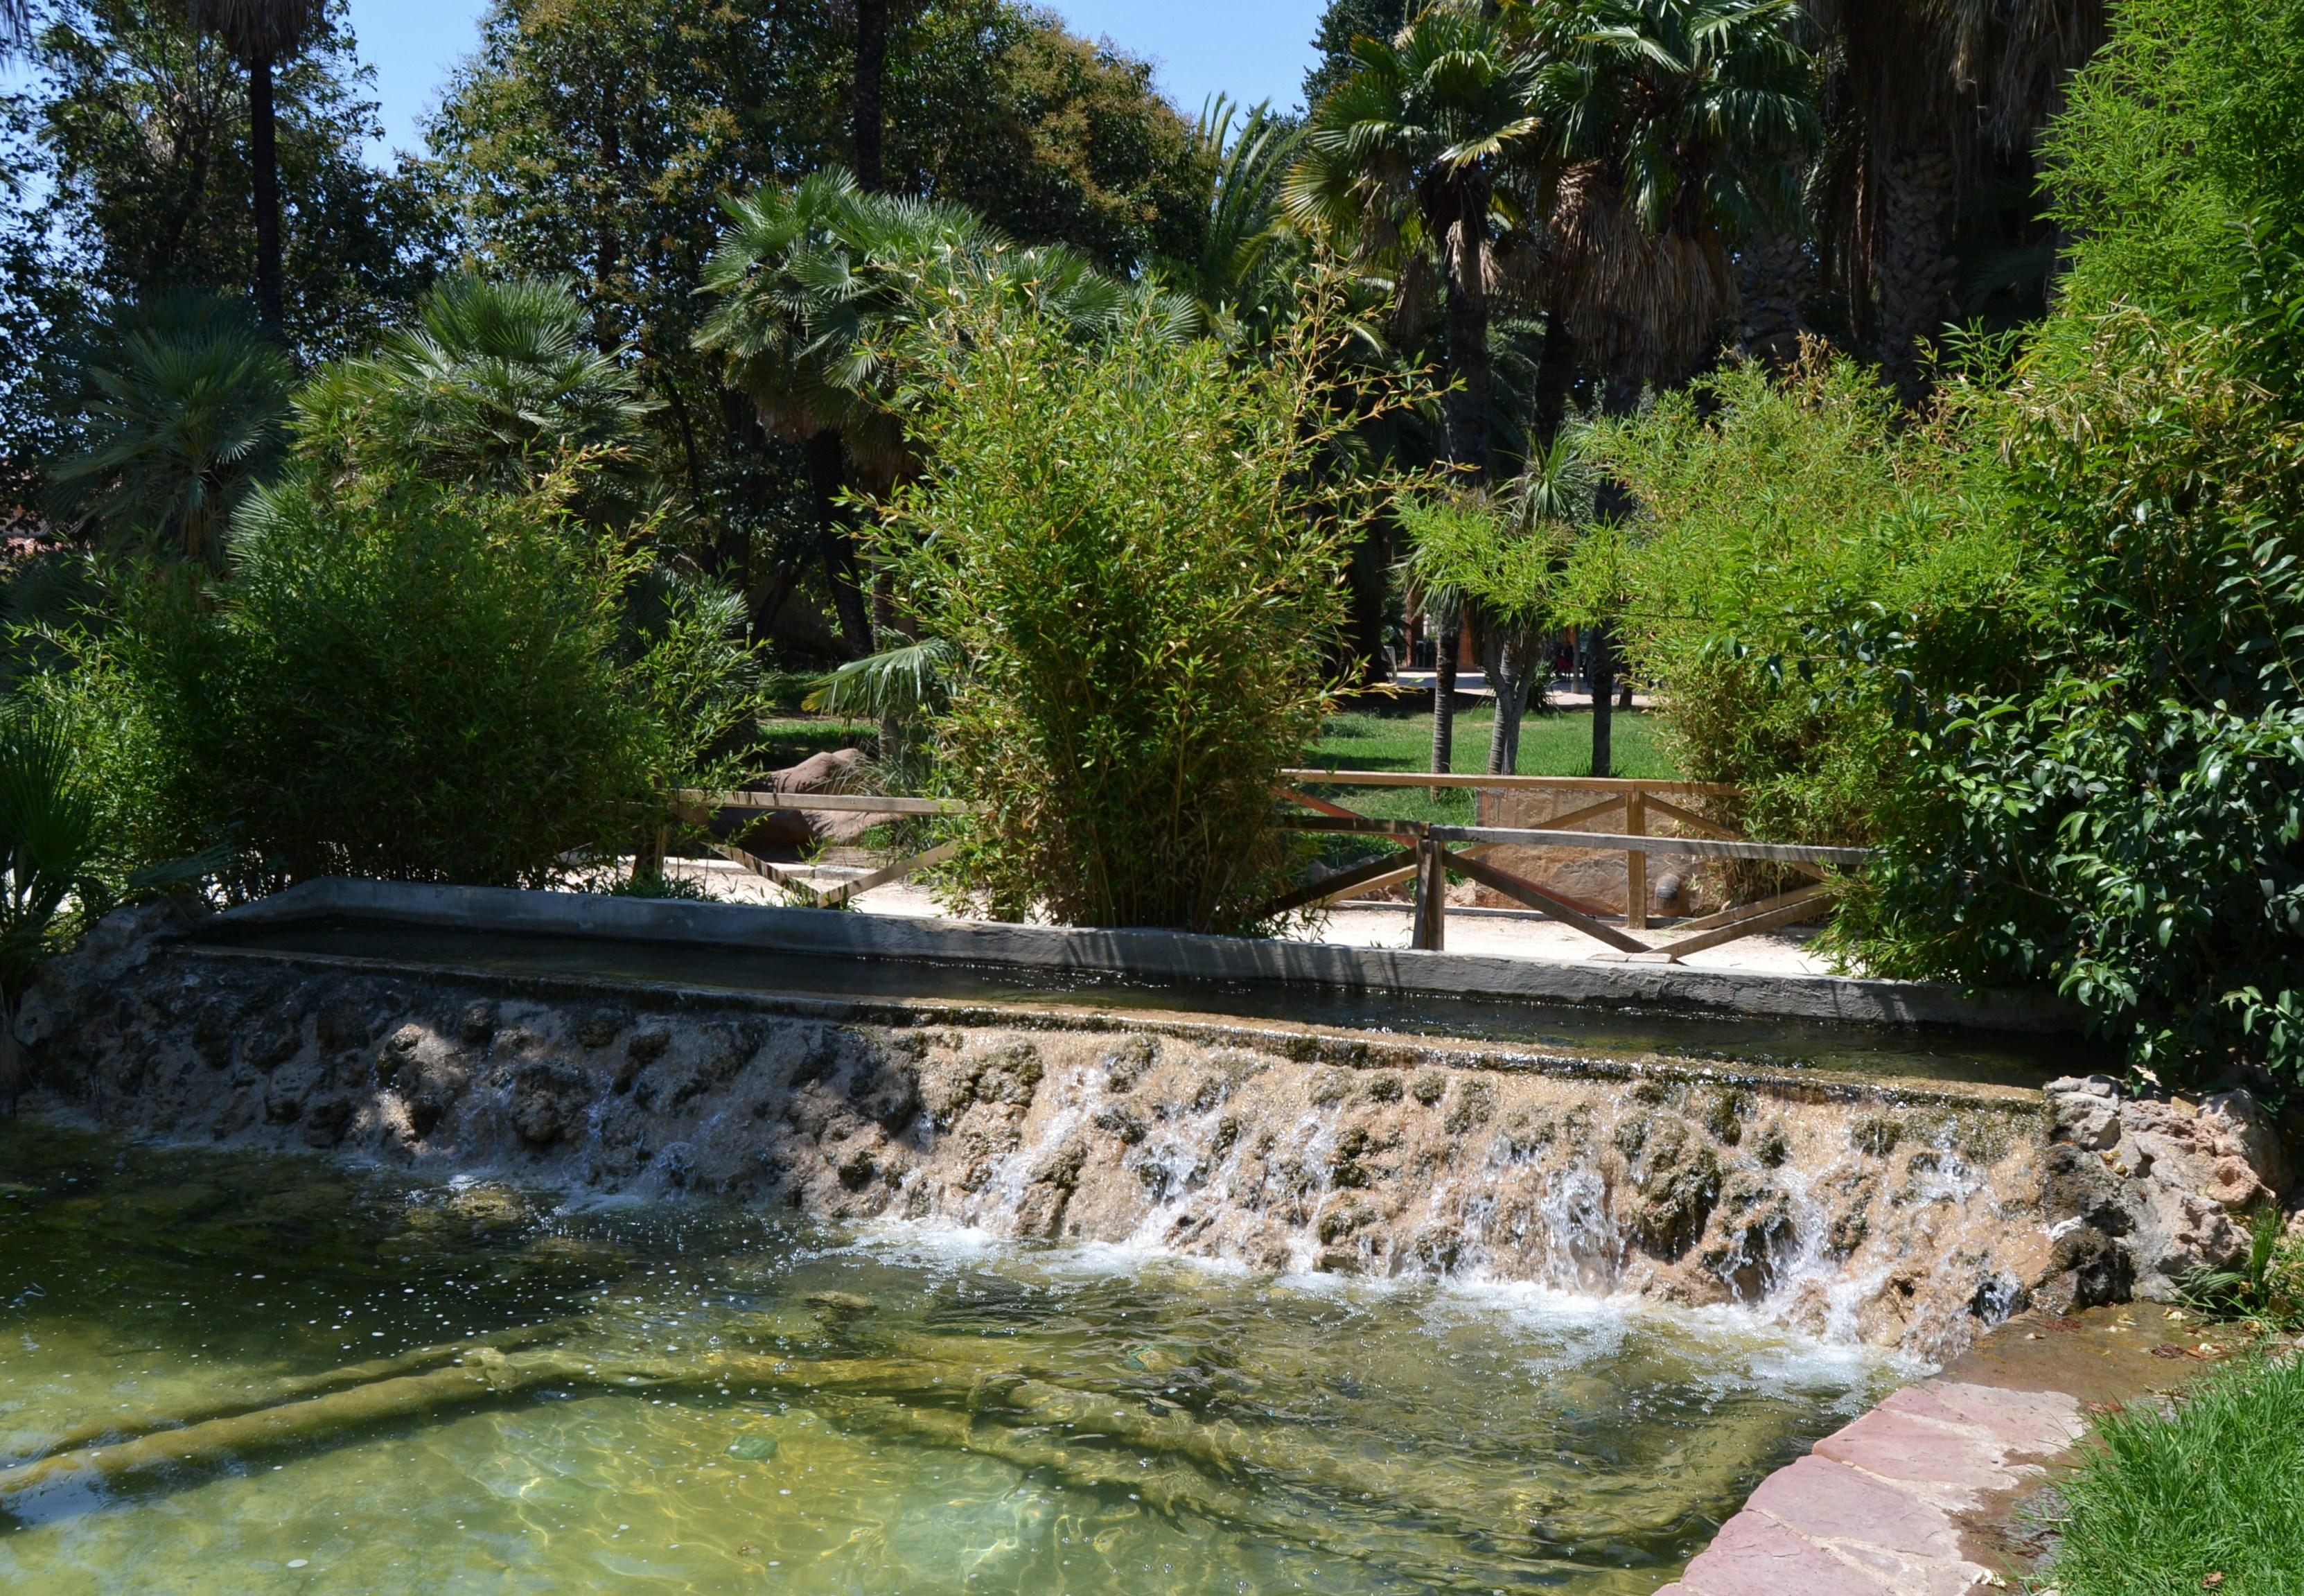 jardins_del_real_de_valc3a8ncia2c_cascada